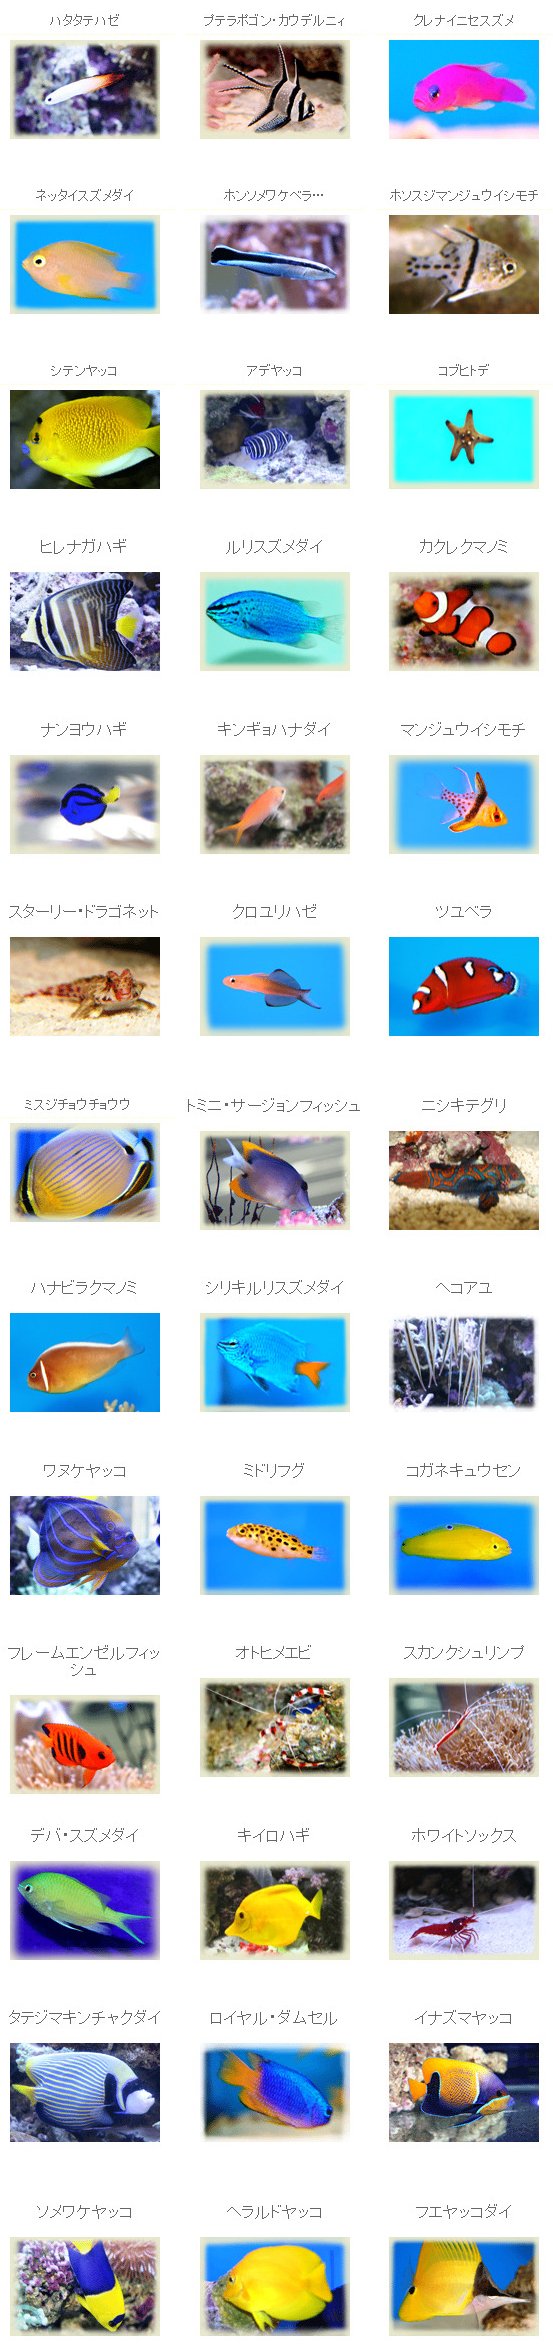 Ocean fish-海洋魚-